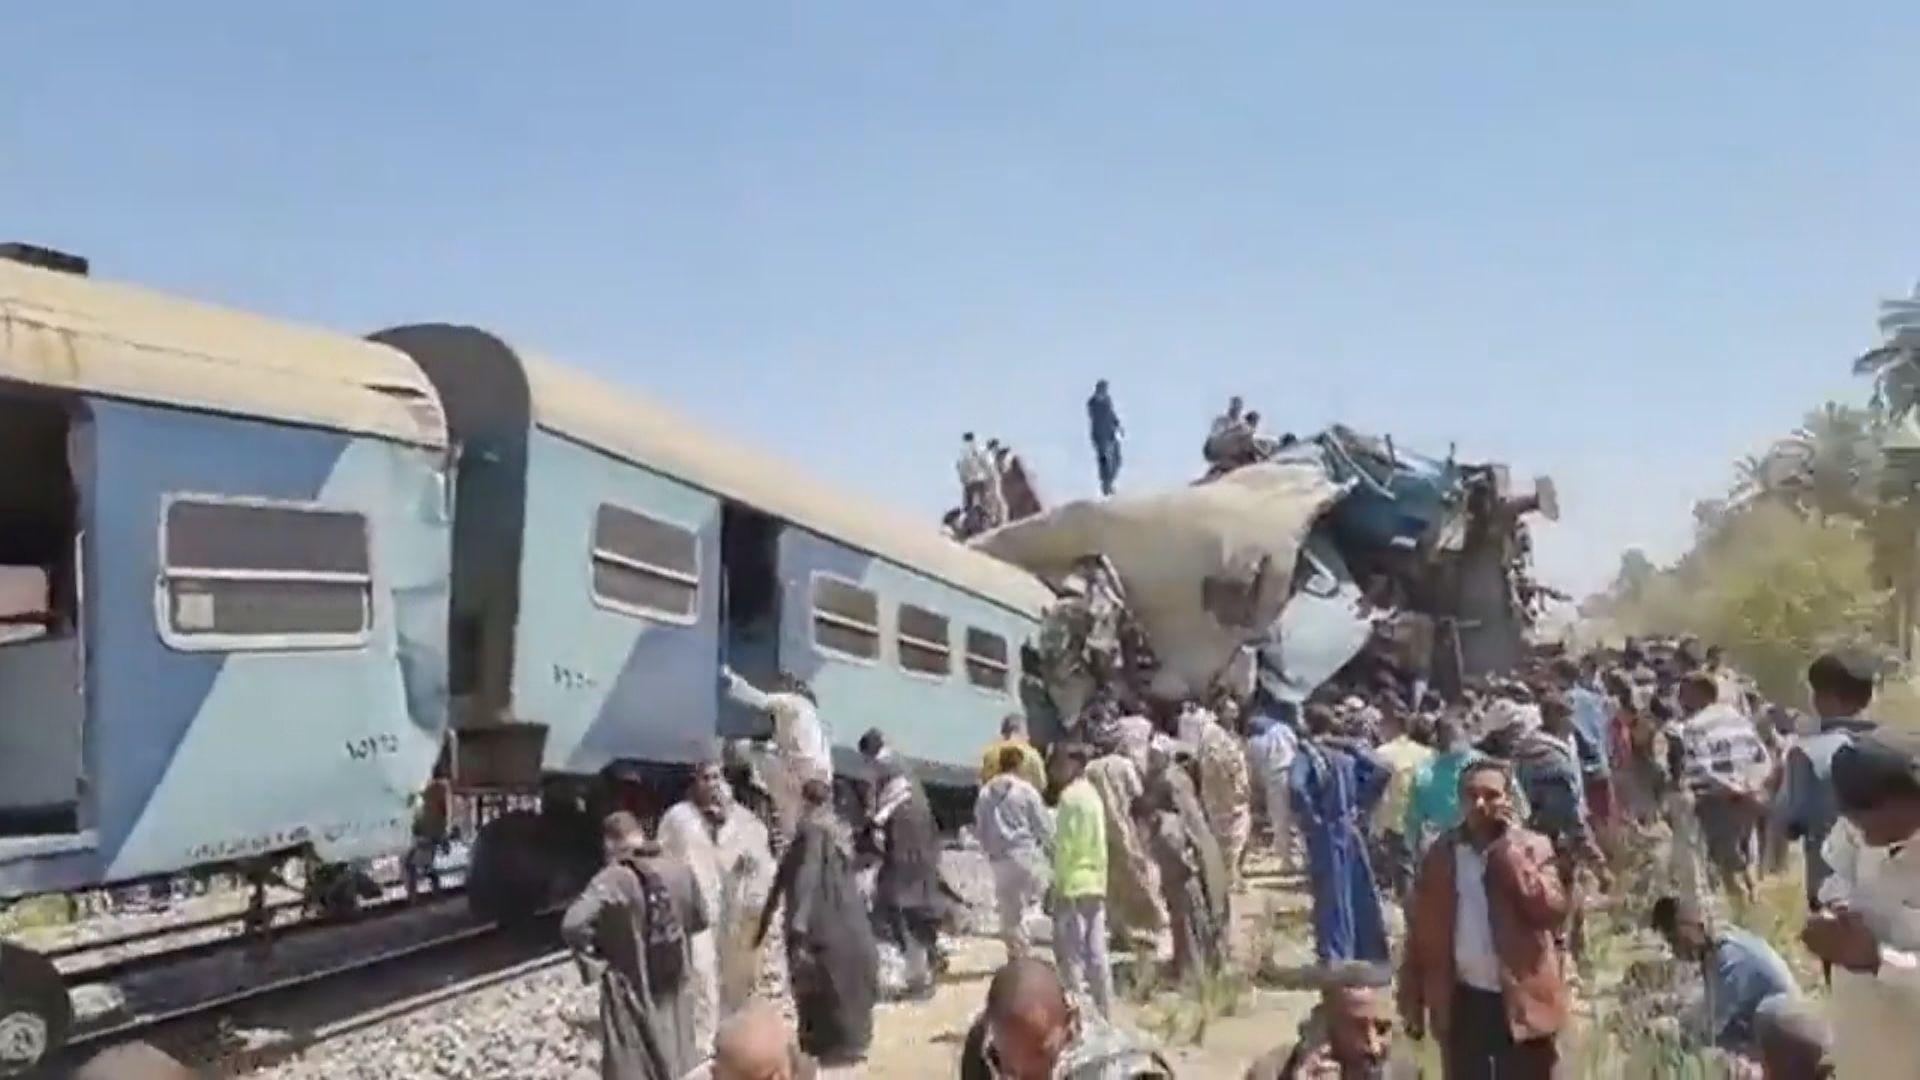 埃及有火車相撞釀逾百死傷